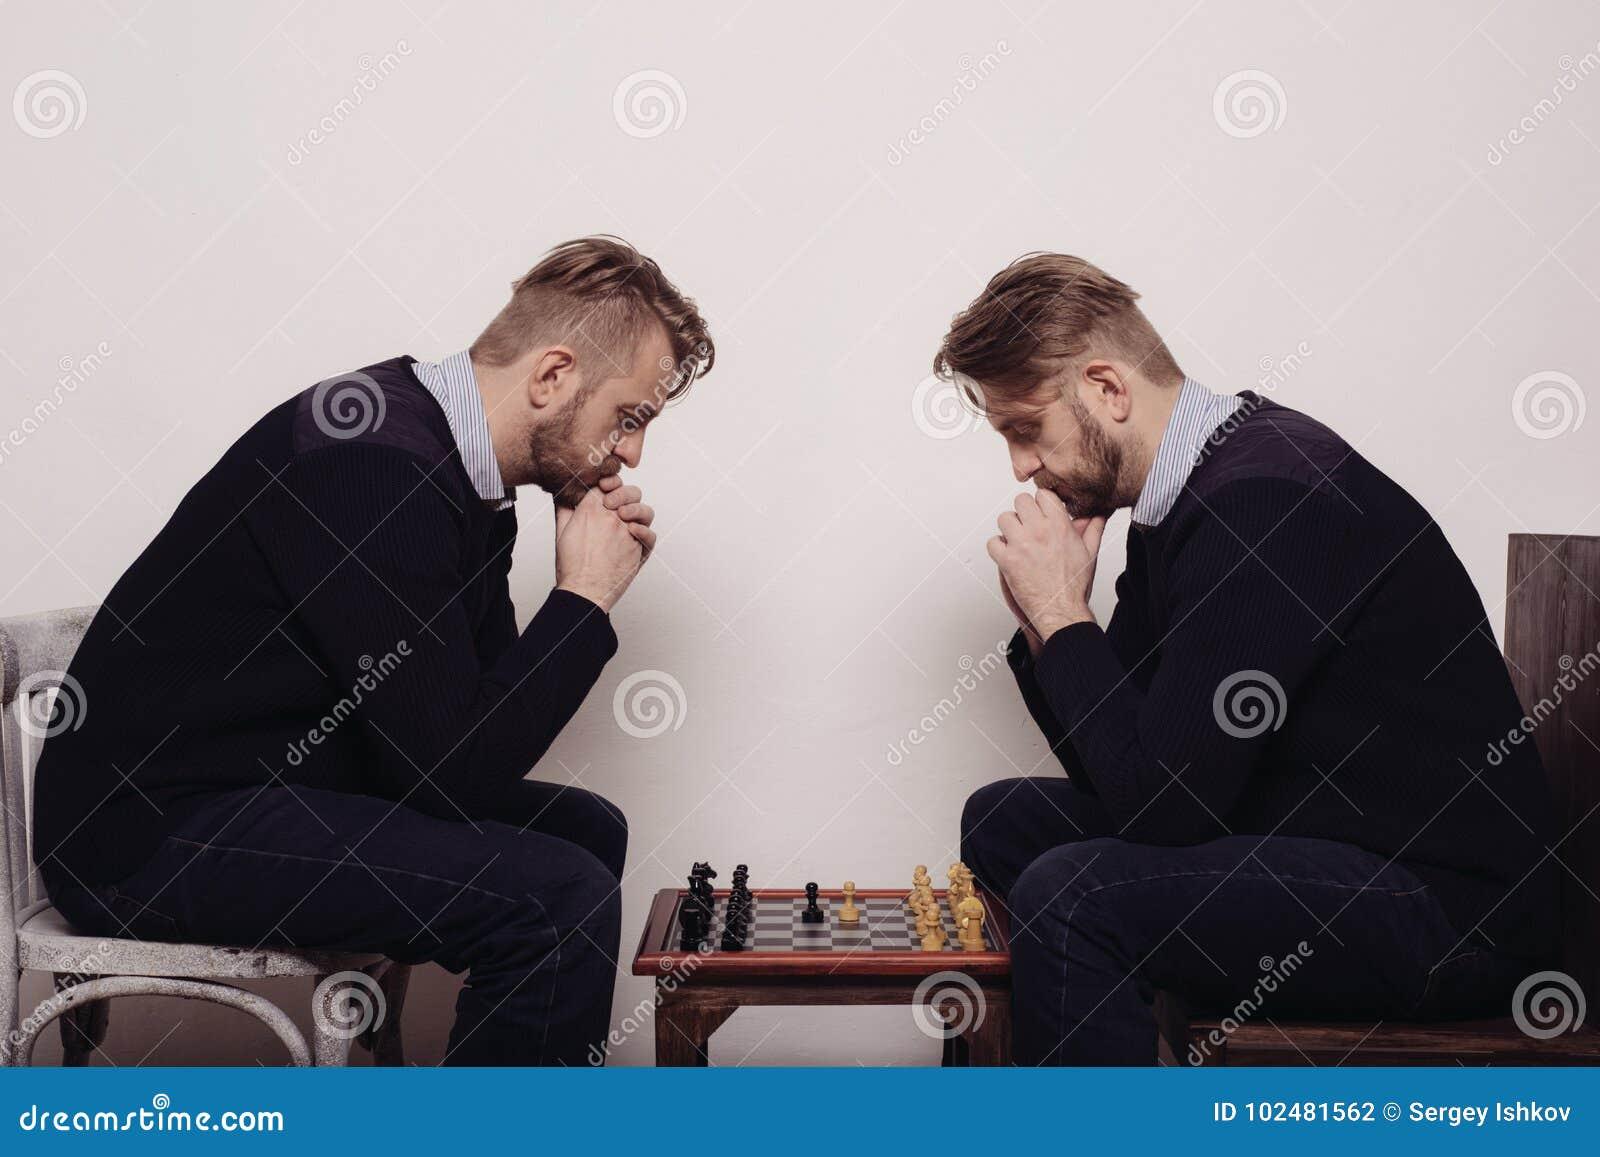 Uomo che gioca scacchi contro di se stesso